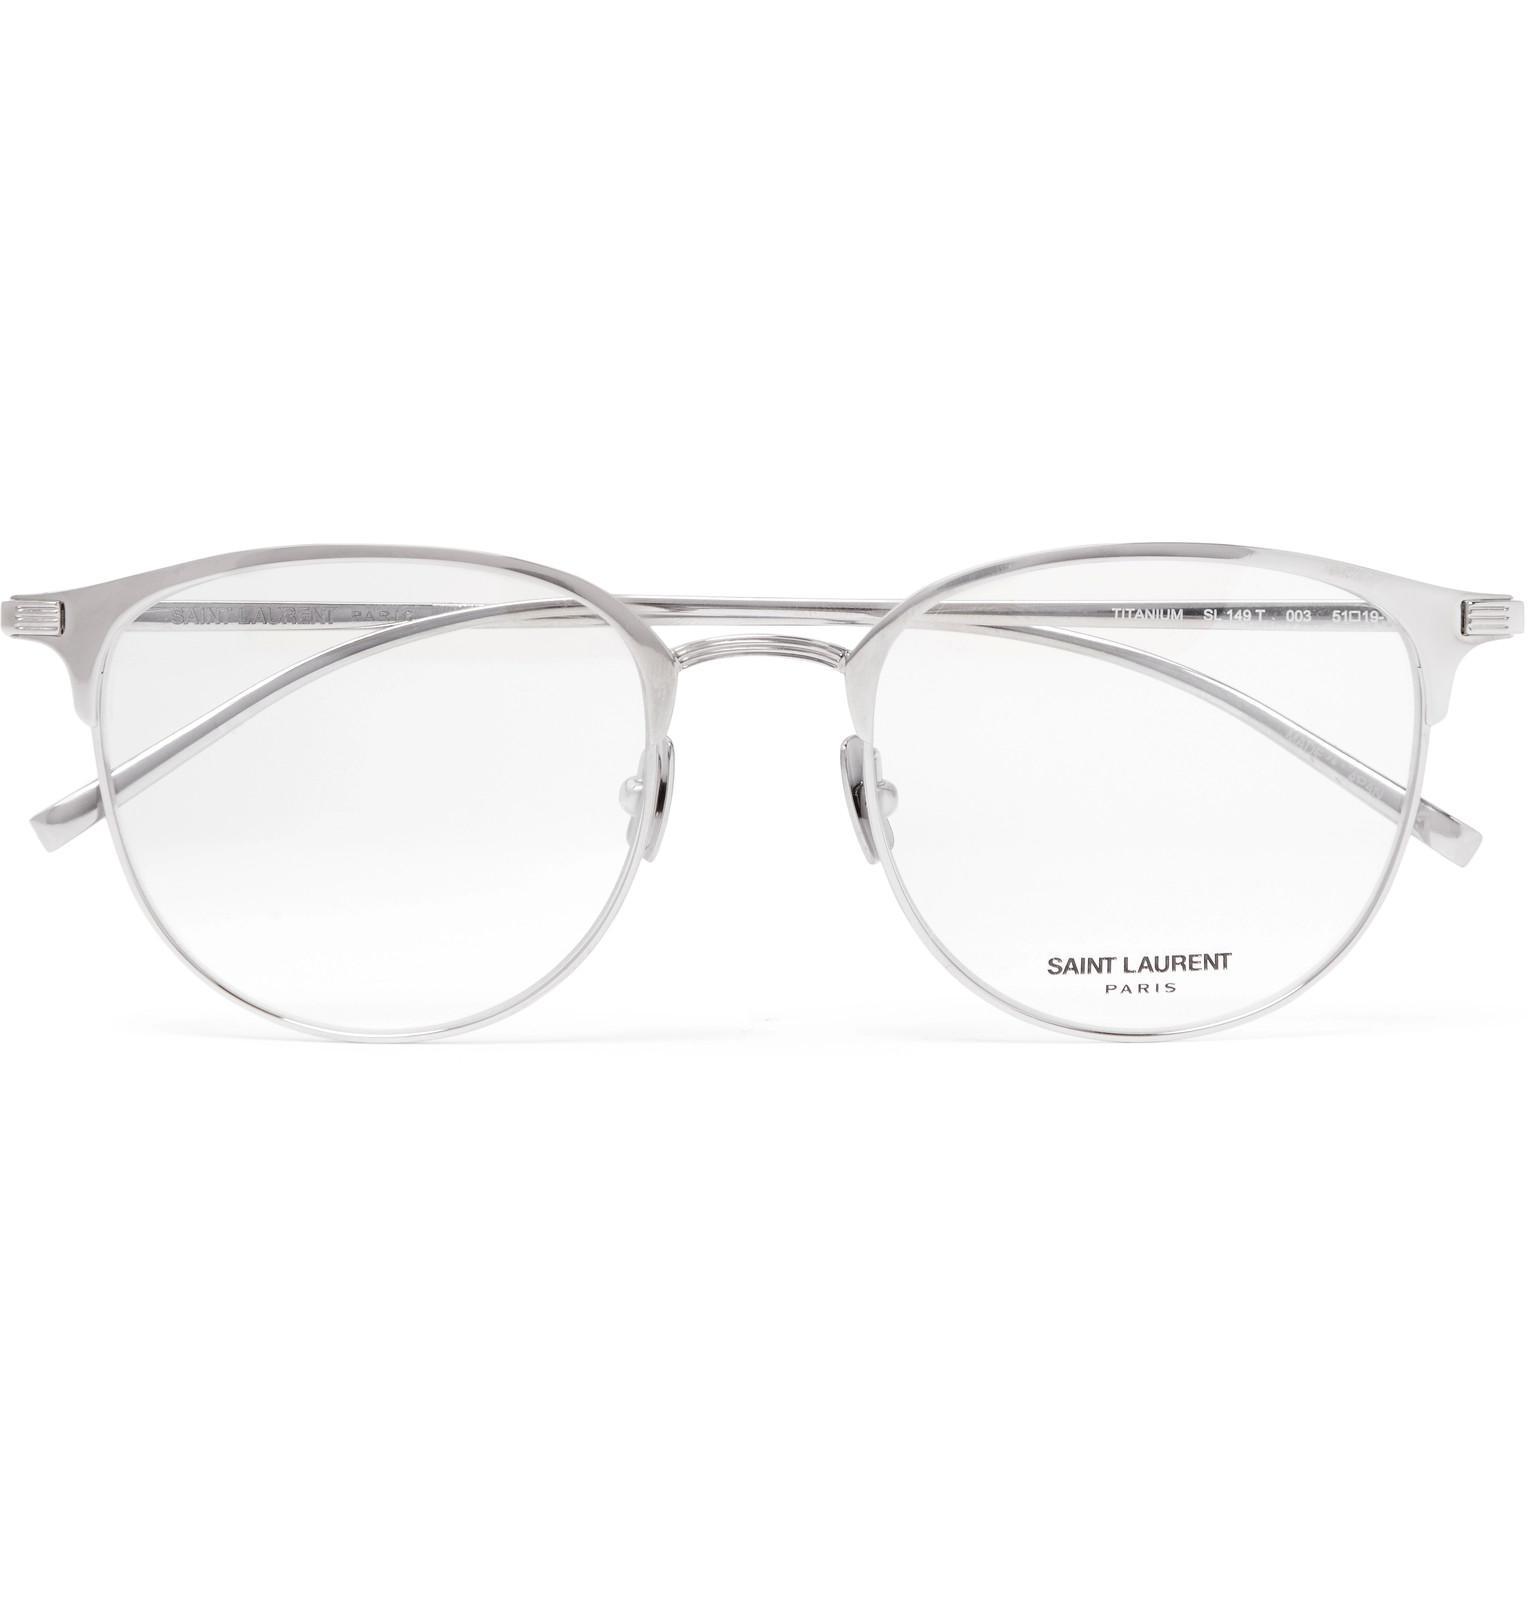 1f15b6f3c99 Lyst - Saint Laurent Round-frame Titanium Optical Glasses in ...